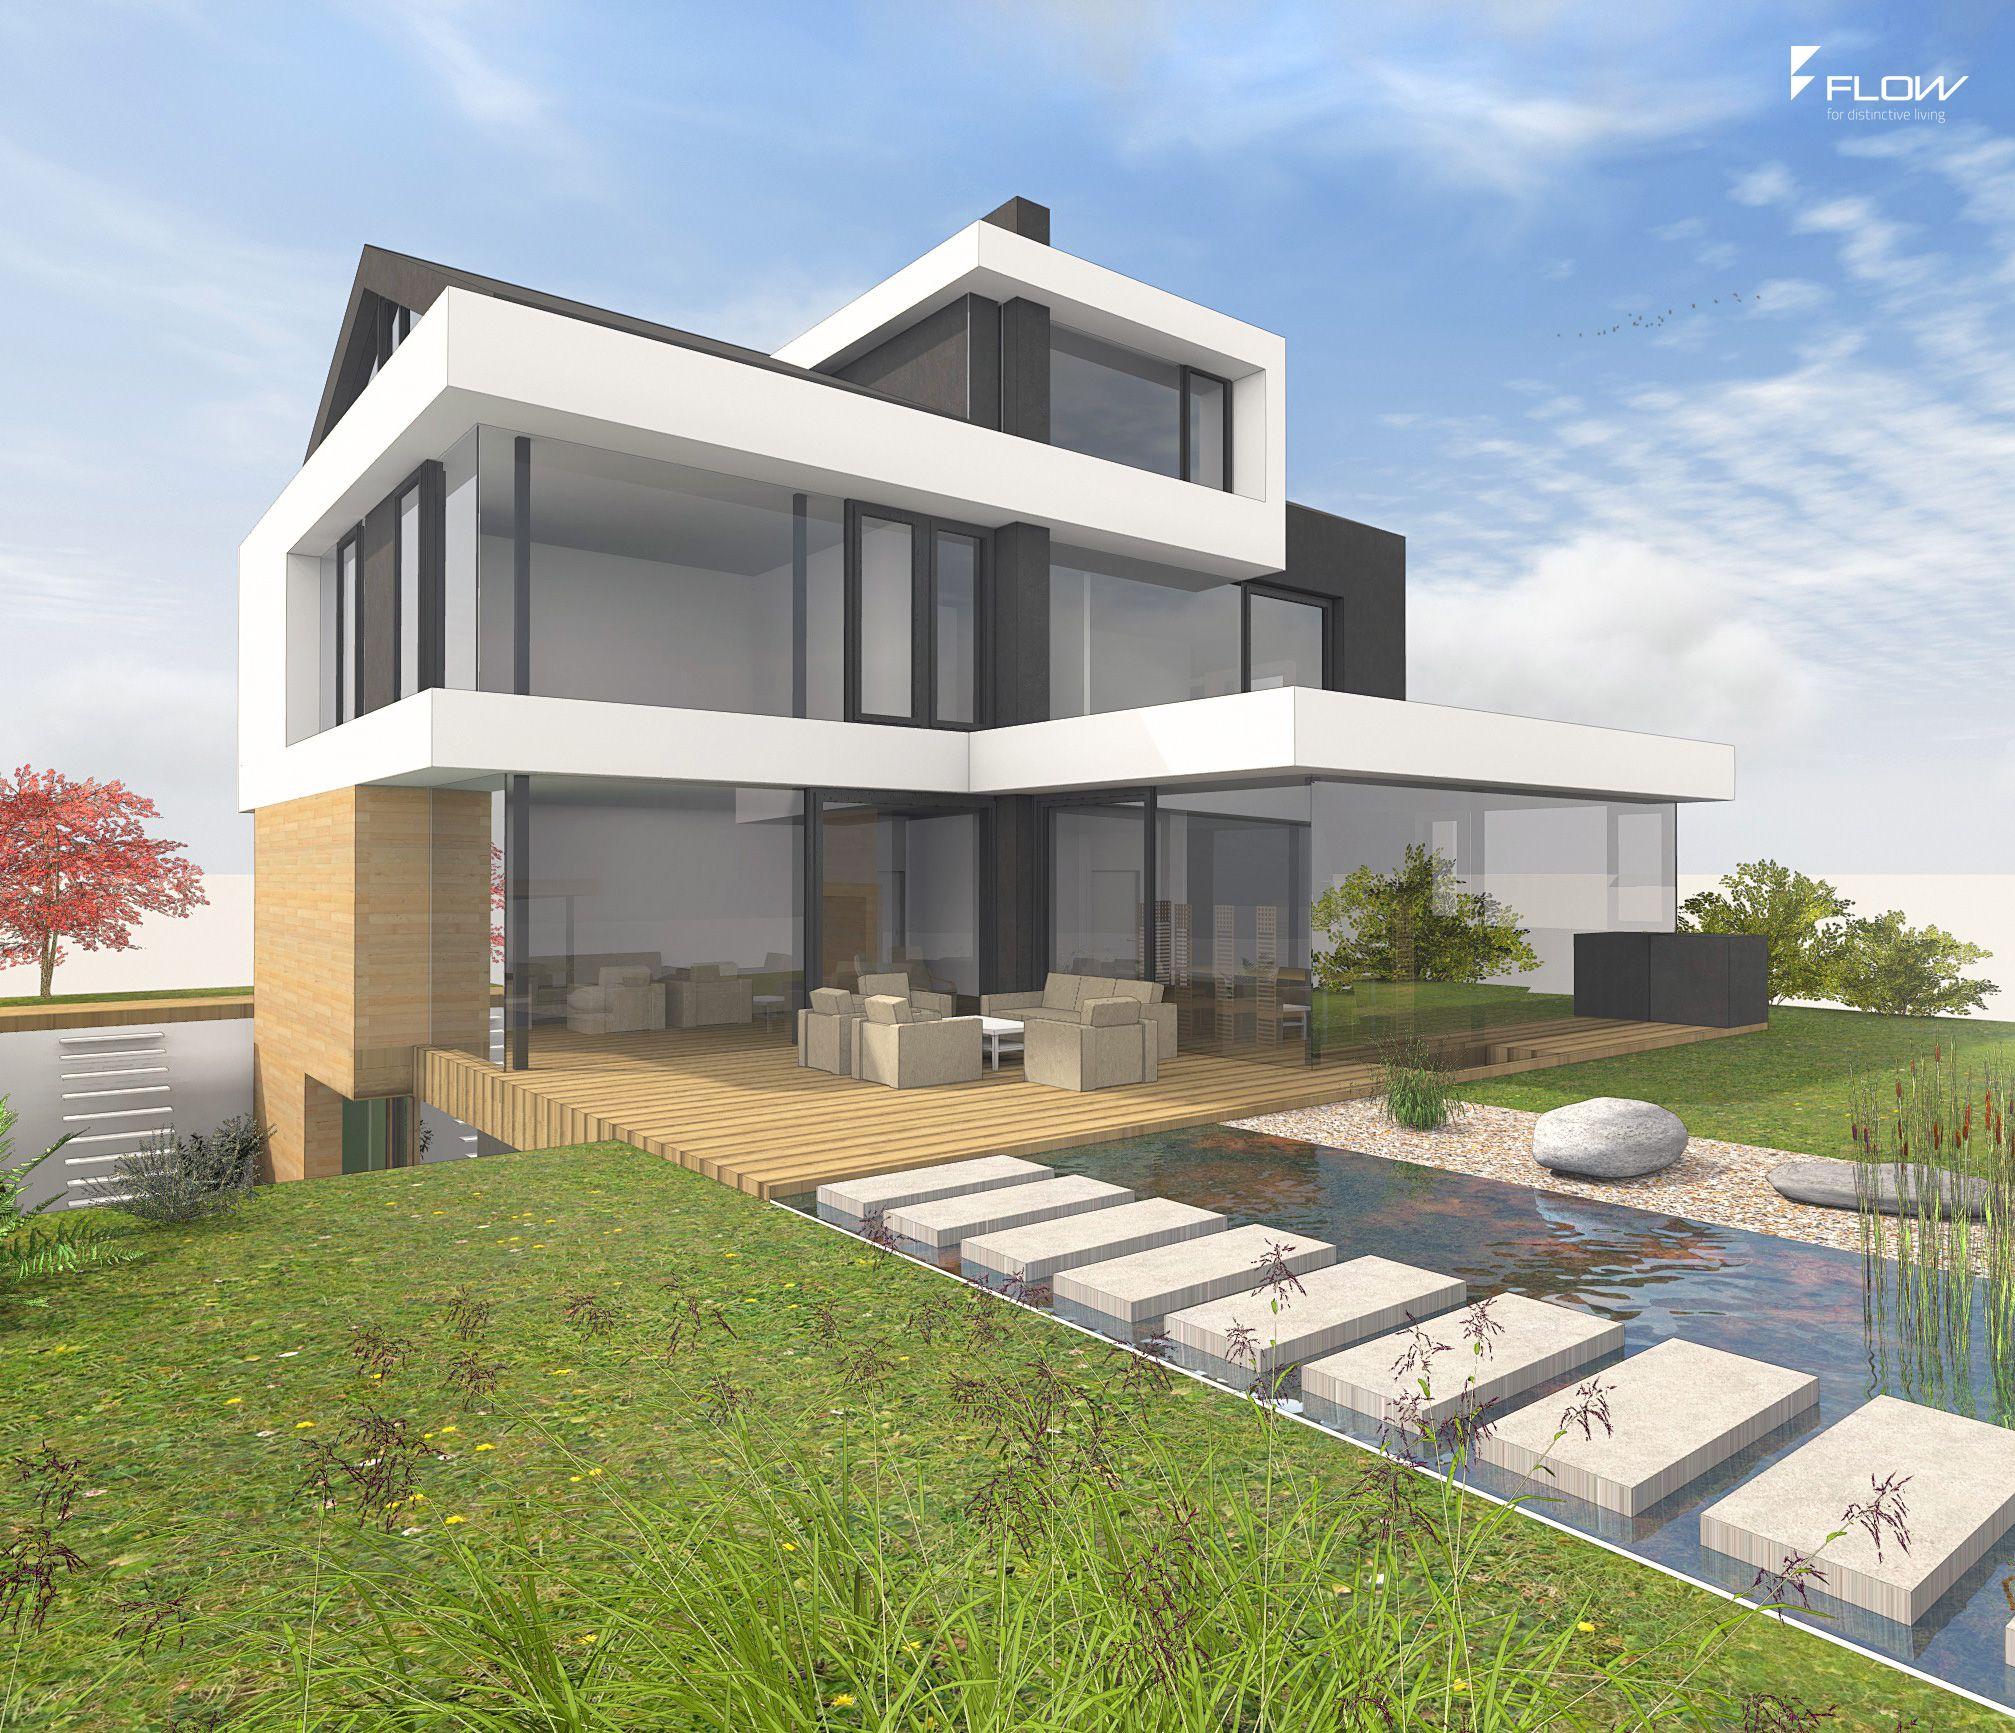 Modernes Satteldachhaus Mit Gauben By Www.flow Architektur.de    Rhein Main Gebiet 2015